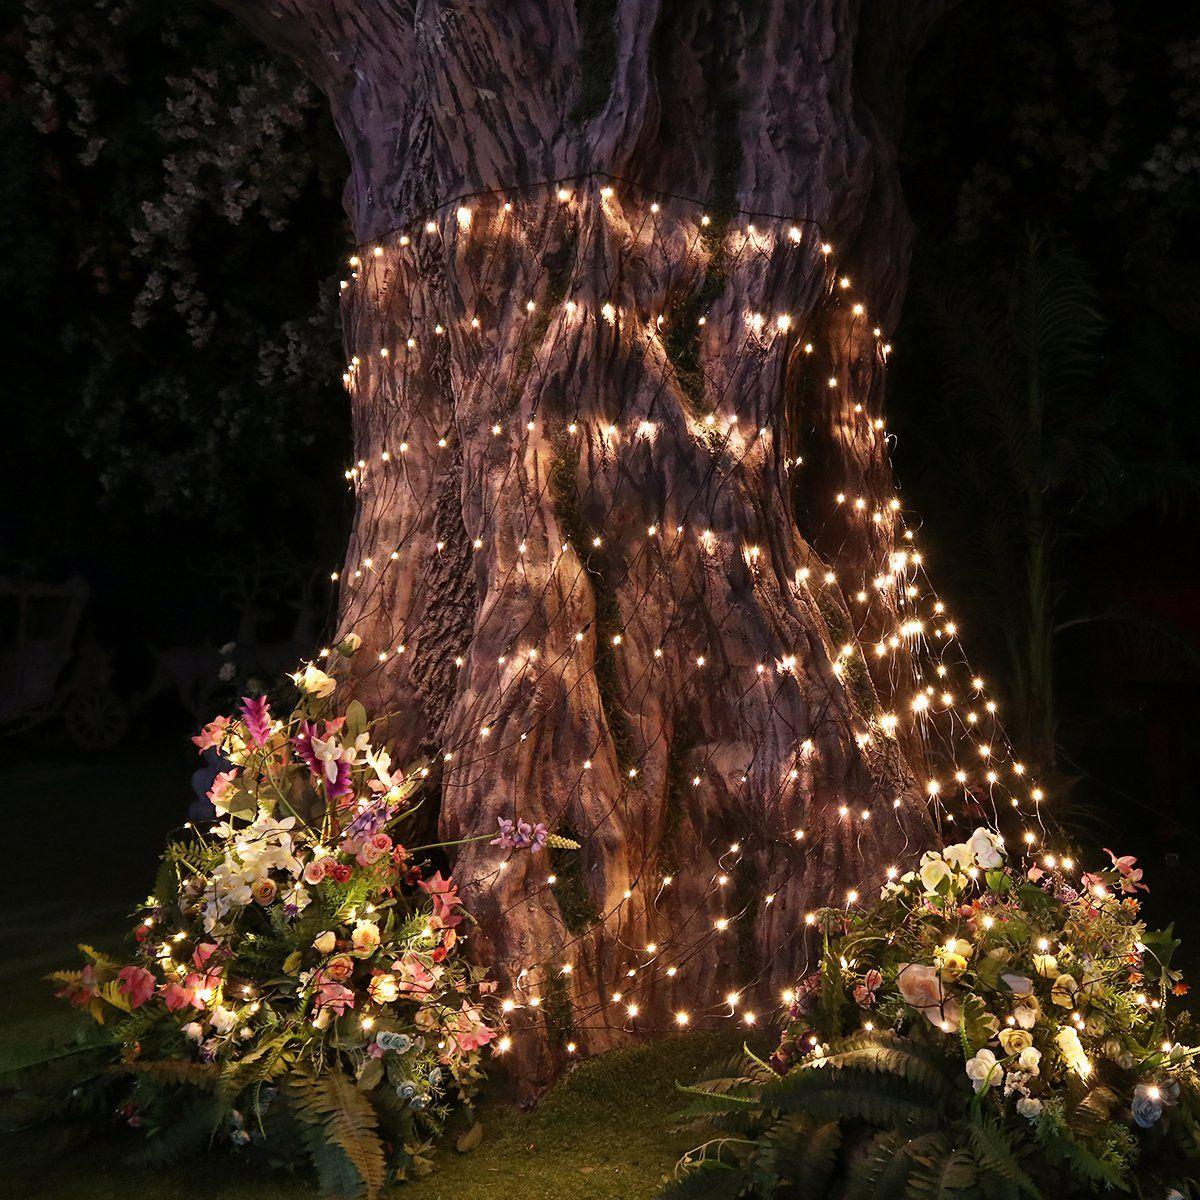 yunlights led net lights 98ft x 66ft 330 leds mesh fairy lights for new